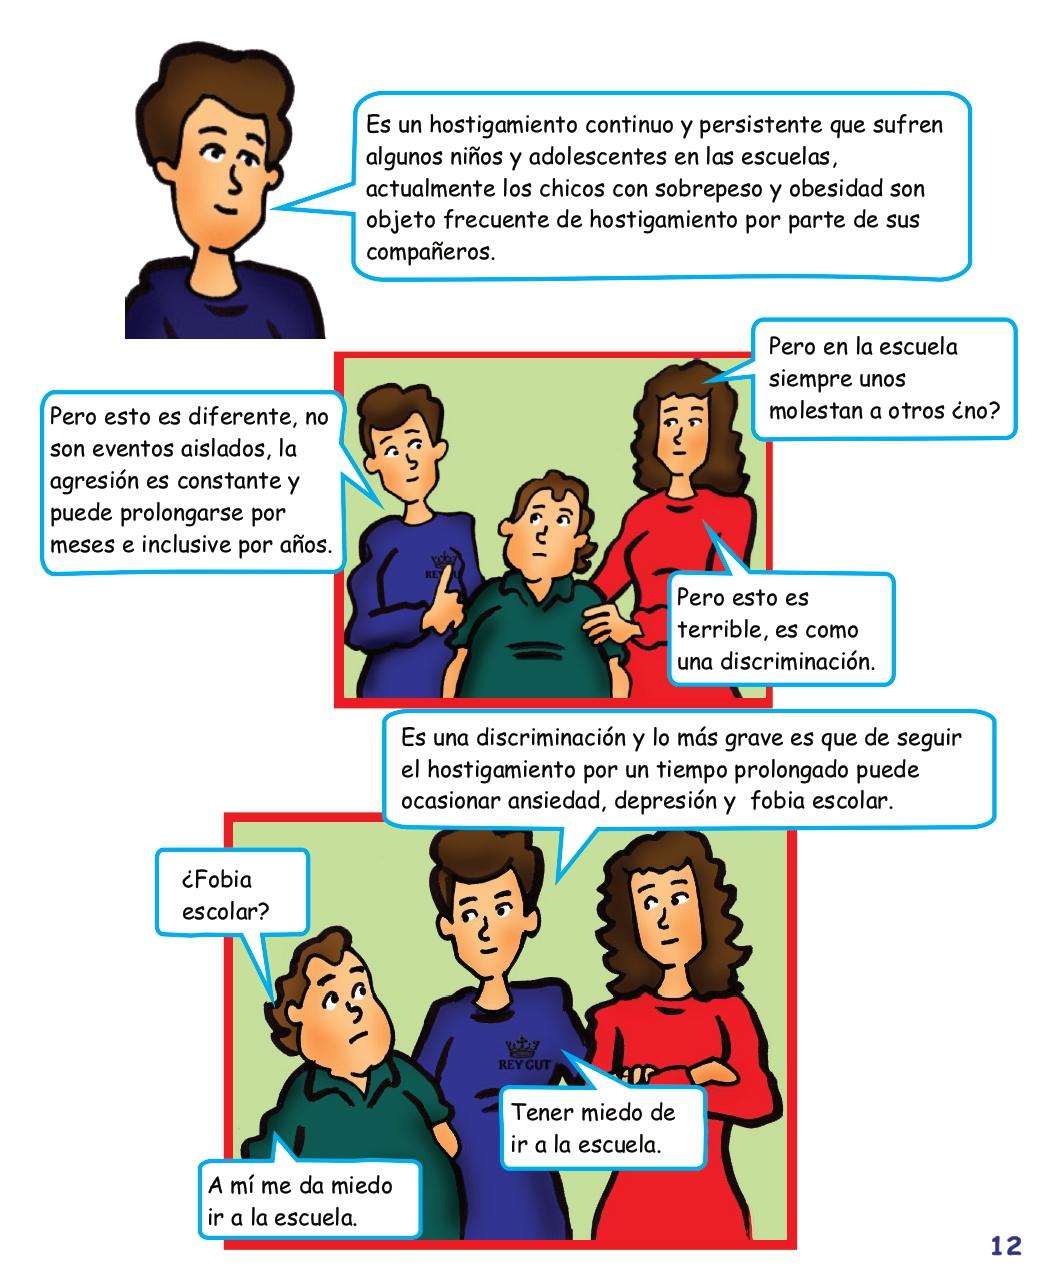 Psicología adolescentes Reyhan cap3 digital_page-0015